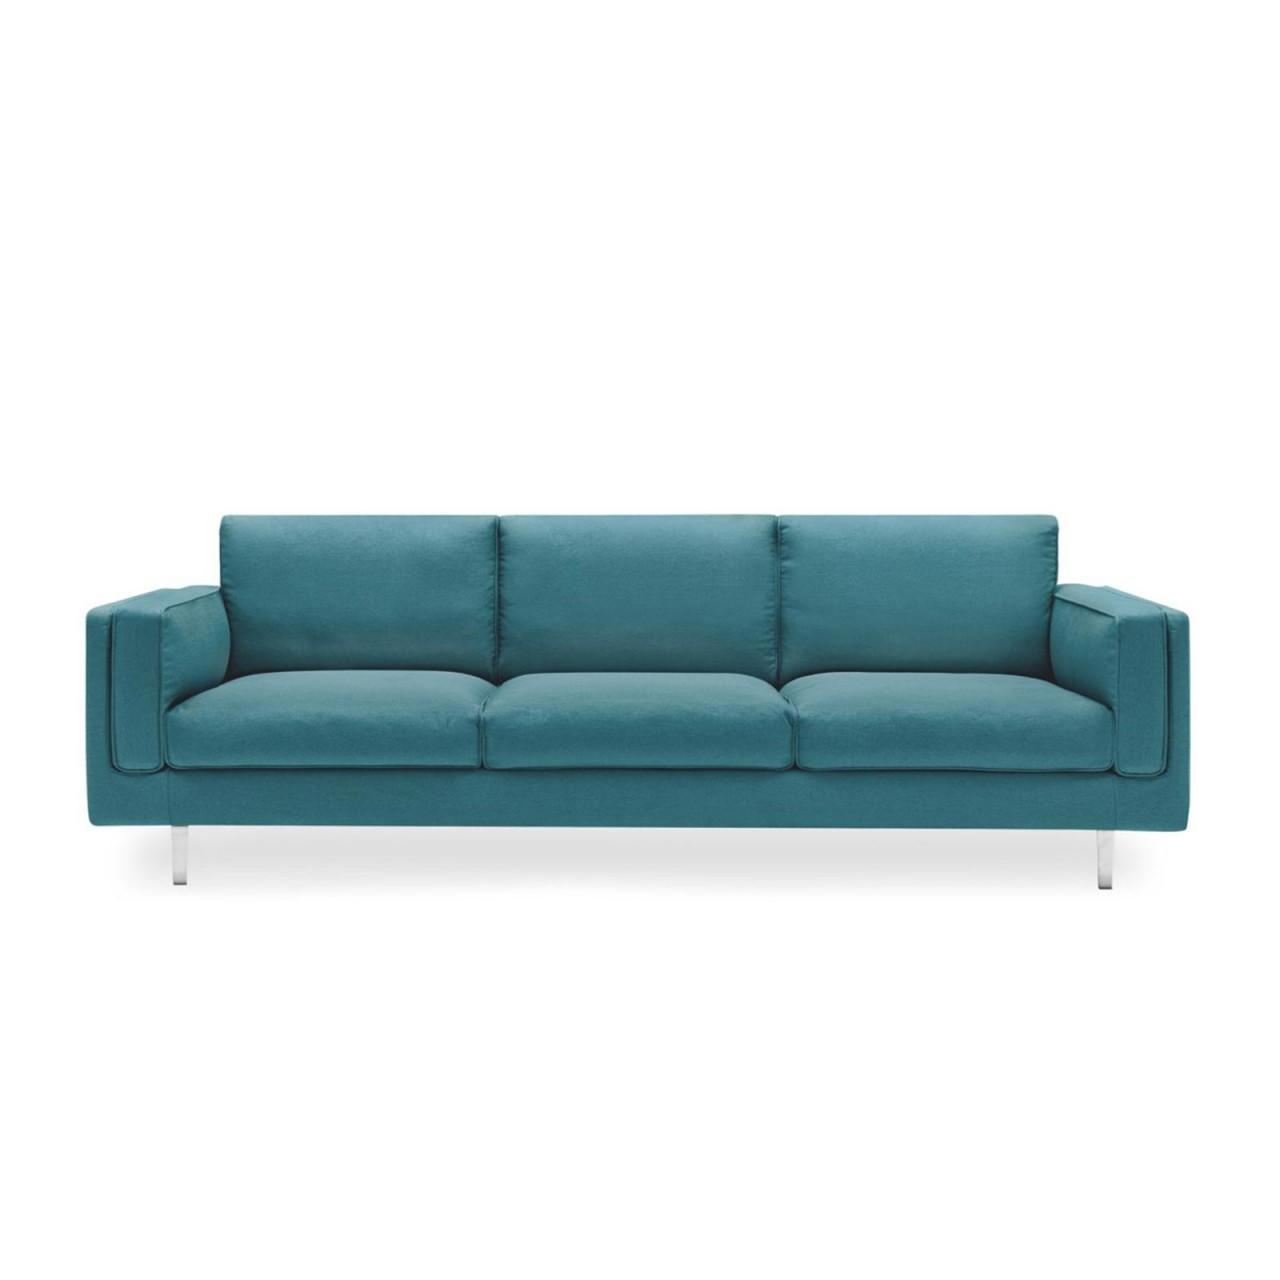 Metro divano componibile divani e relax torino - Ikea divano componibile ...